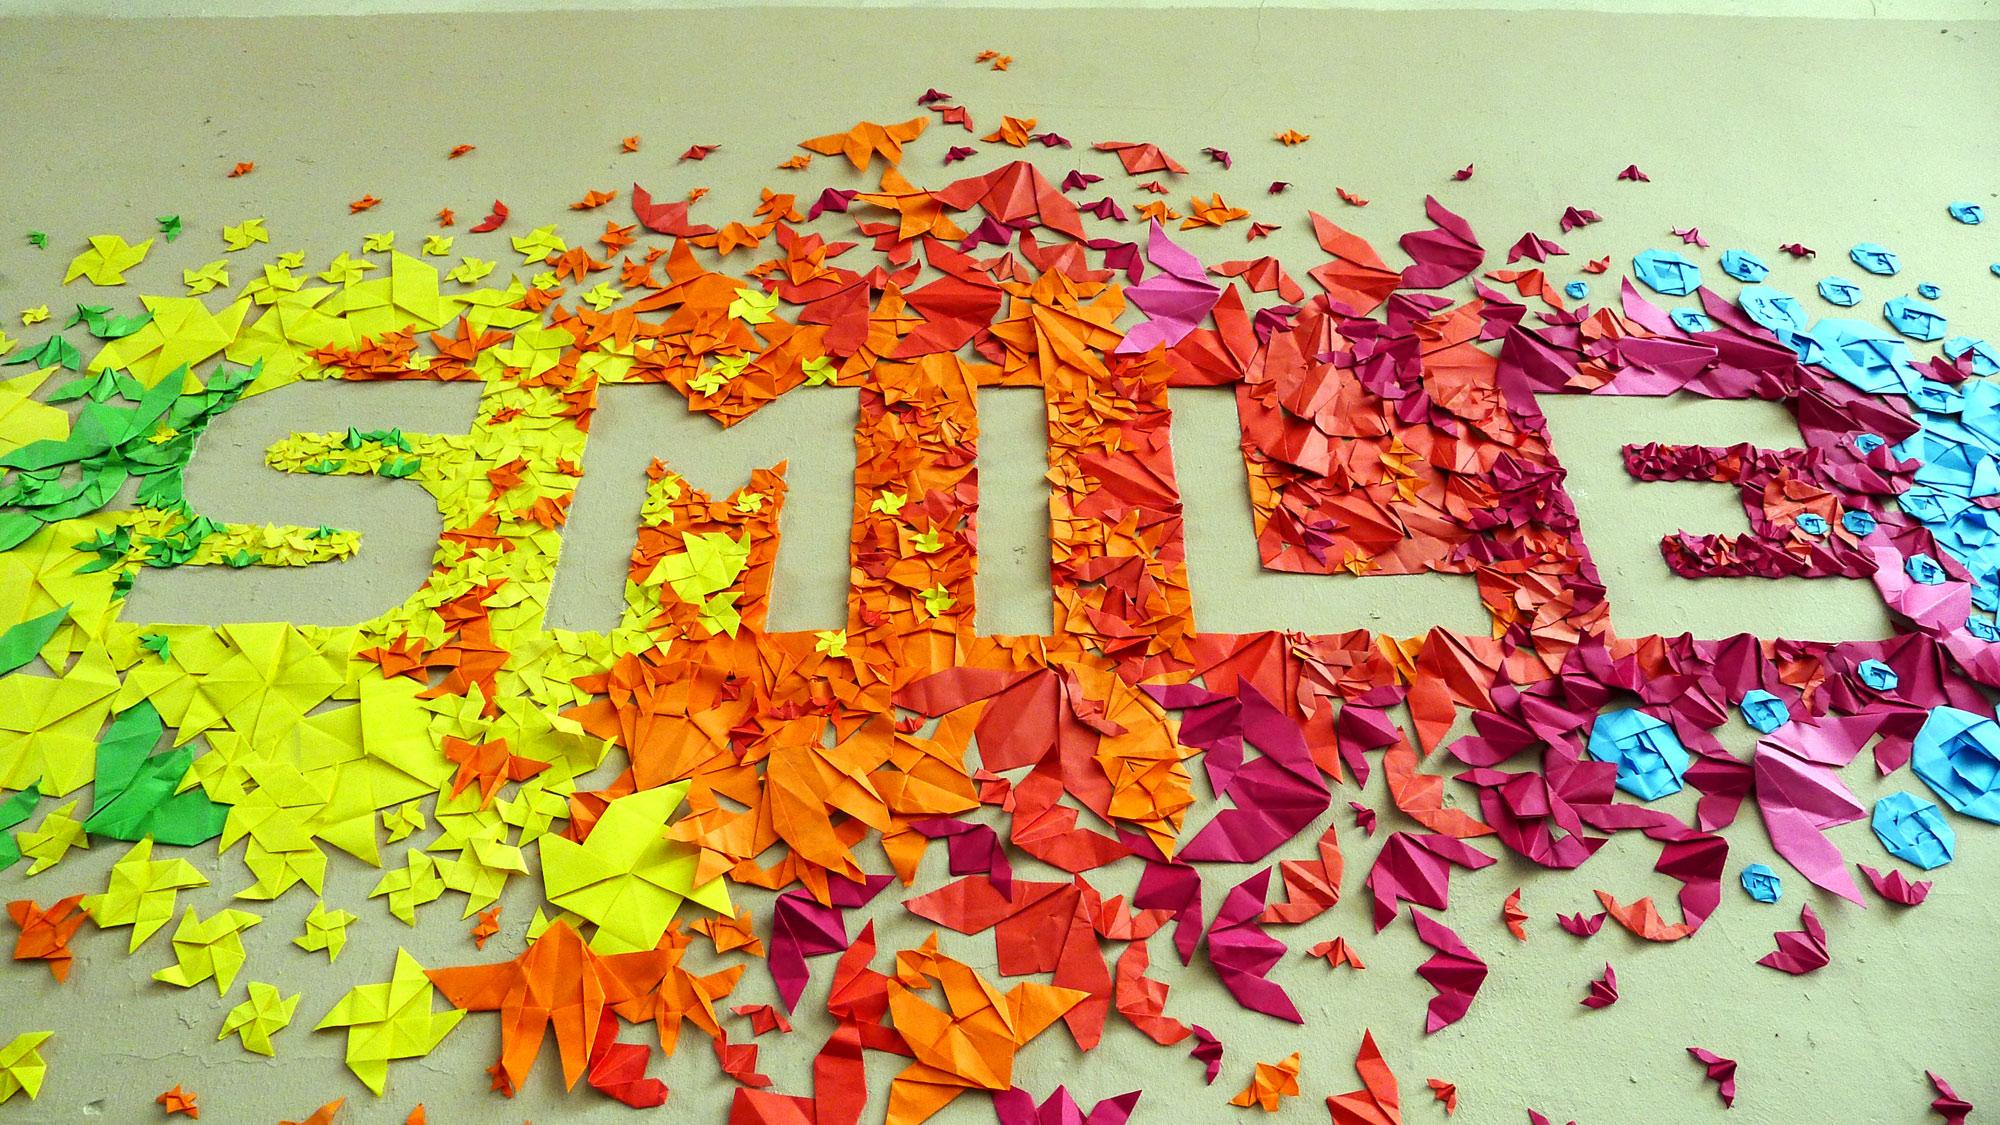 ♥ادخل للمنتدى مبتسم Smile اتاكد راح ترتاح وانت هنا♥♥ ضع بصمتك مبتسم ♥♥ - صفحة 8 Smile-01